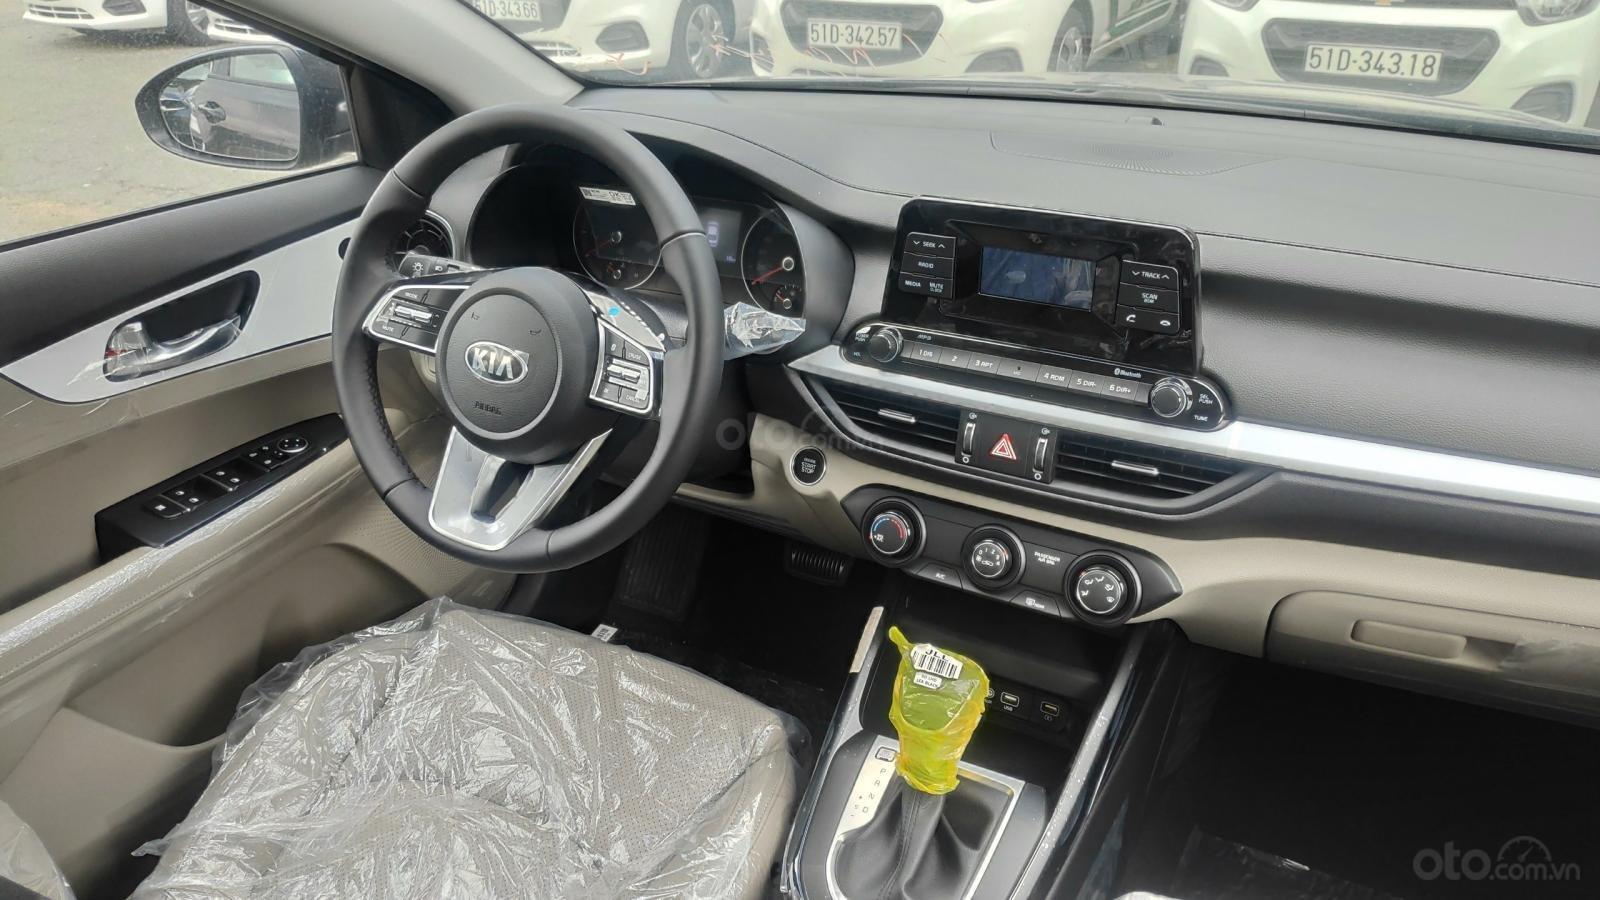 [Kia Thảo Điền] Kia Cerato - Tặng bảo hiểm + Giảm giá tiền mặt + Tặng phụ kiện - Liên hệ 0961.563.593-8